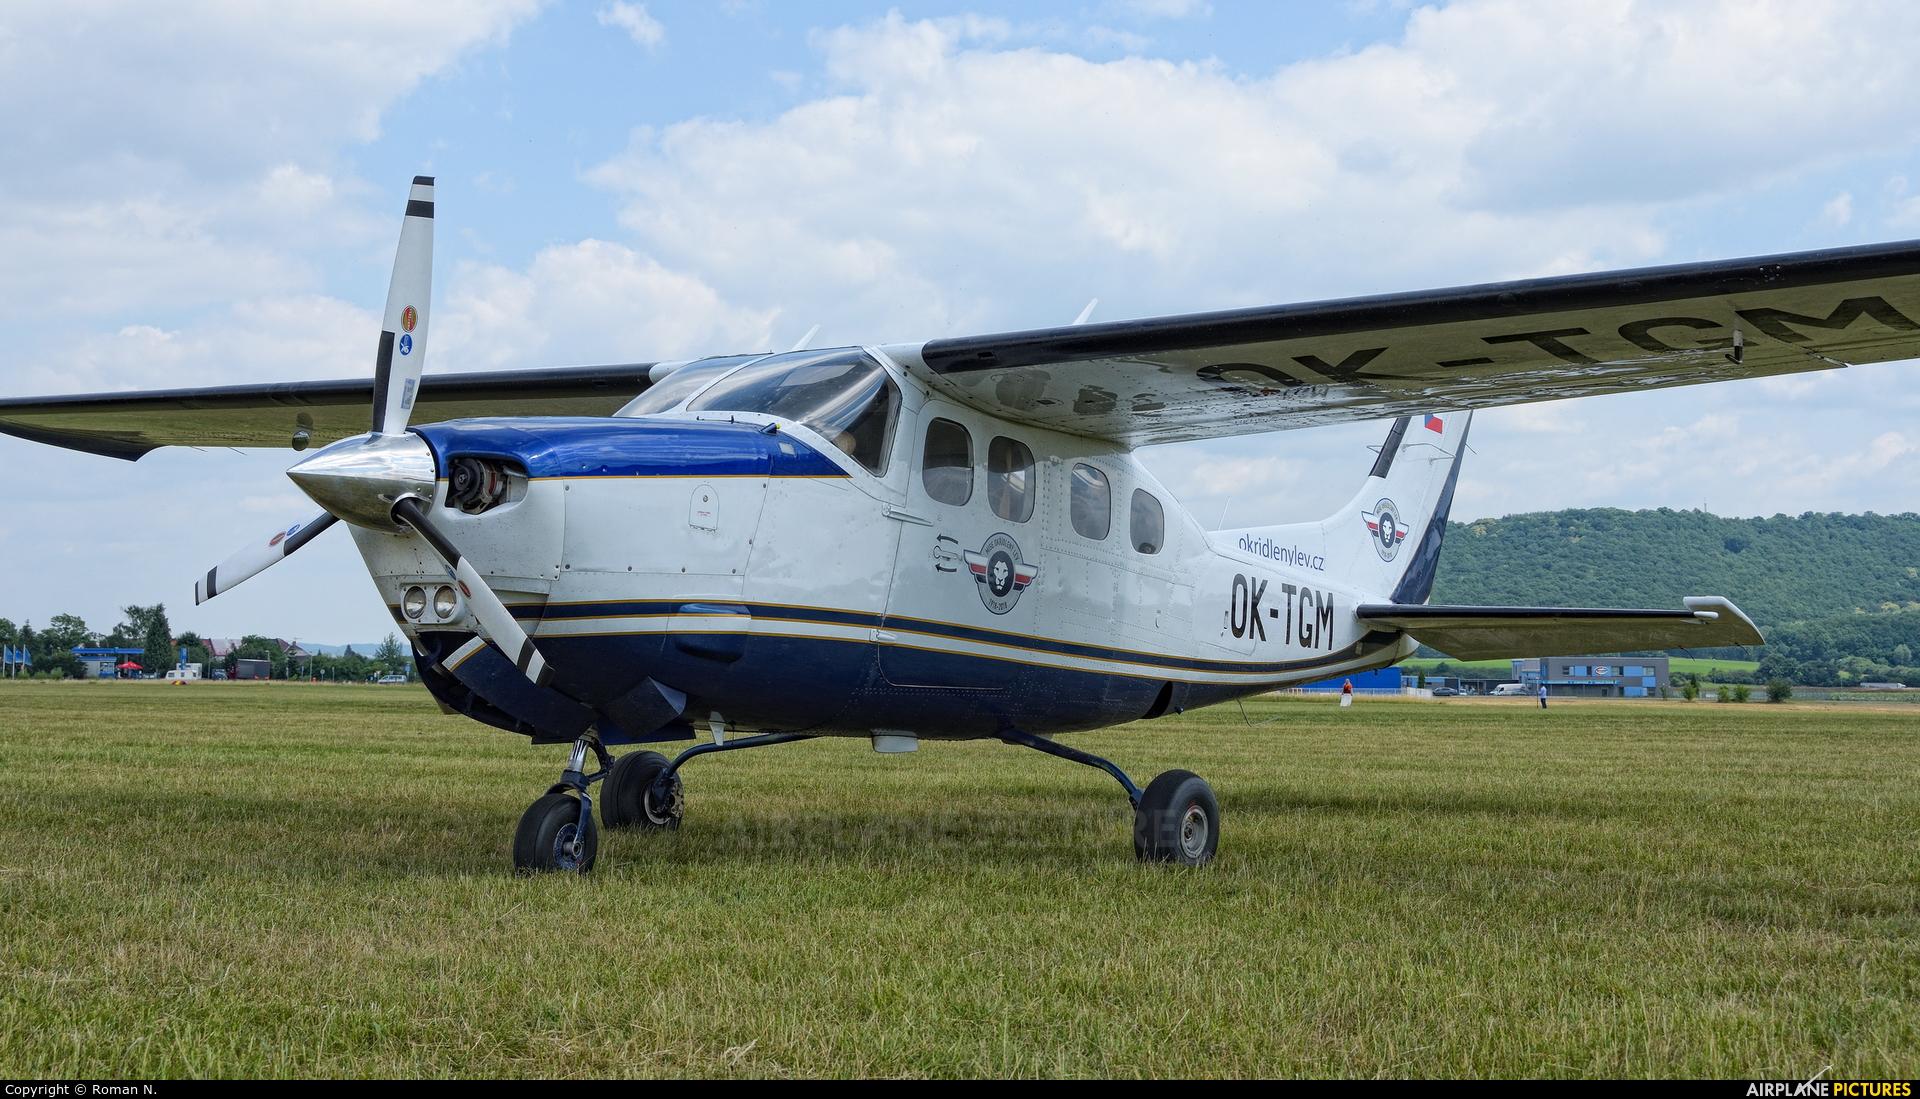 Private OK-TGM aircraft at Mladá Boleslav